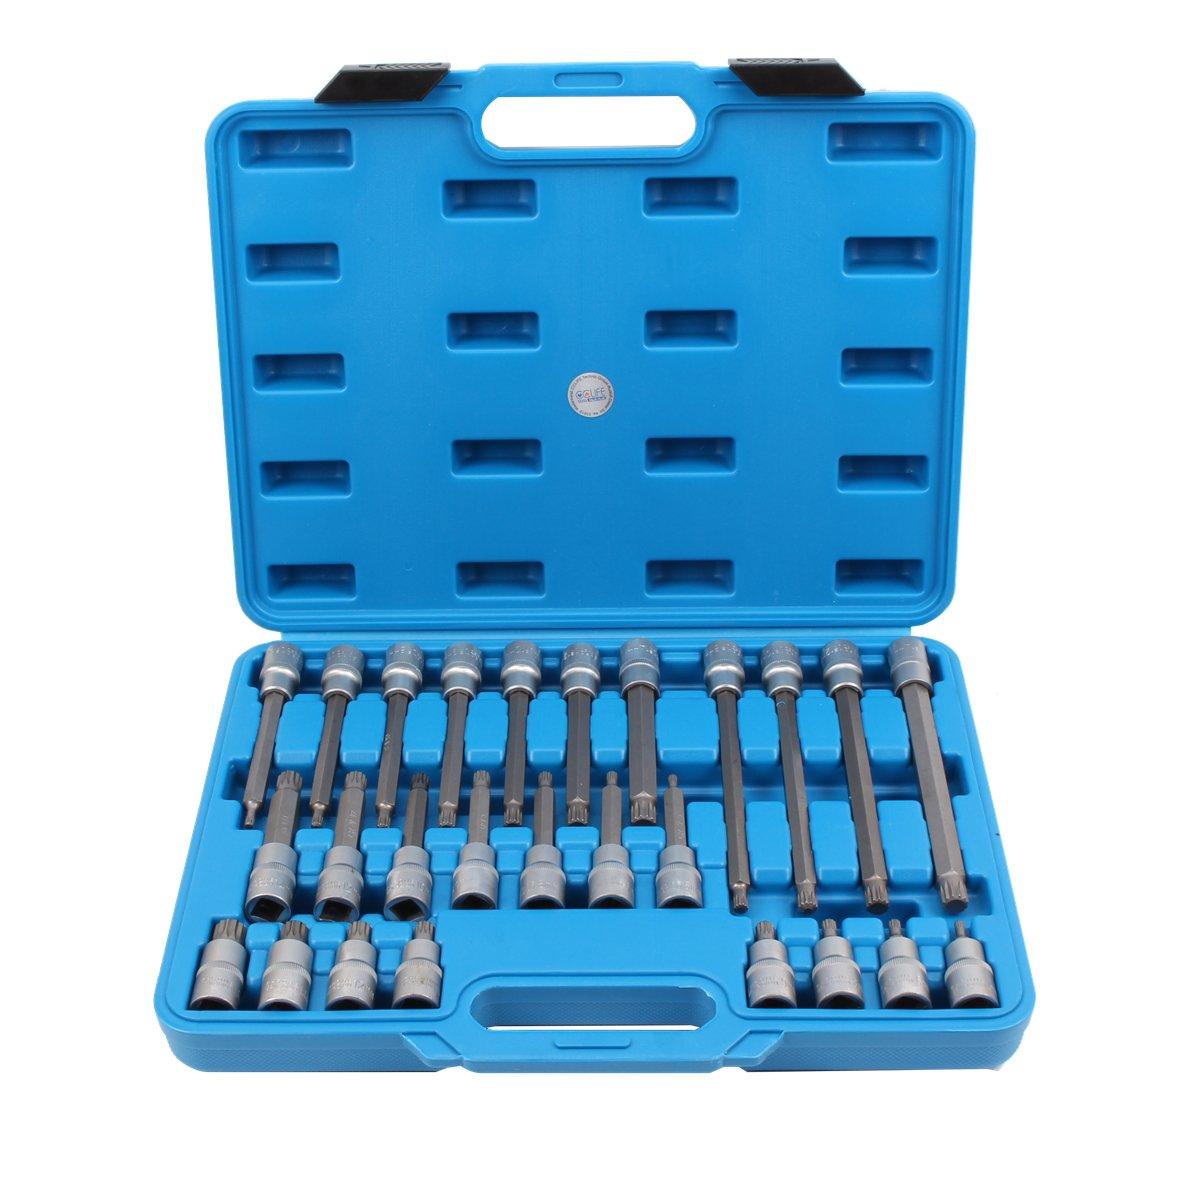 CCLIFE Juego de puntas de vaso | entrada 12, 5 mm (1/2') | dentado mú ltiple interior (para XZN) | 26 piezas 5 mm (1/2' ) | dentado múltiple interior (para XZN) | 26 piezas